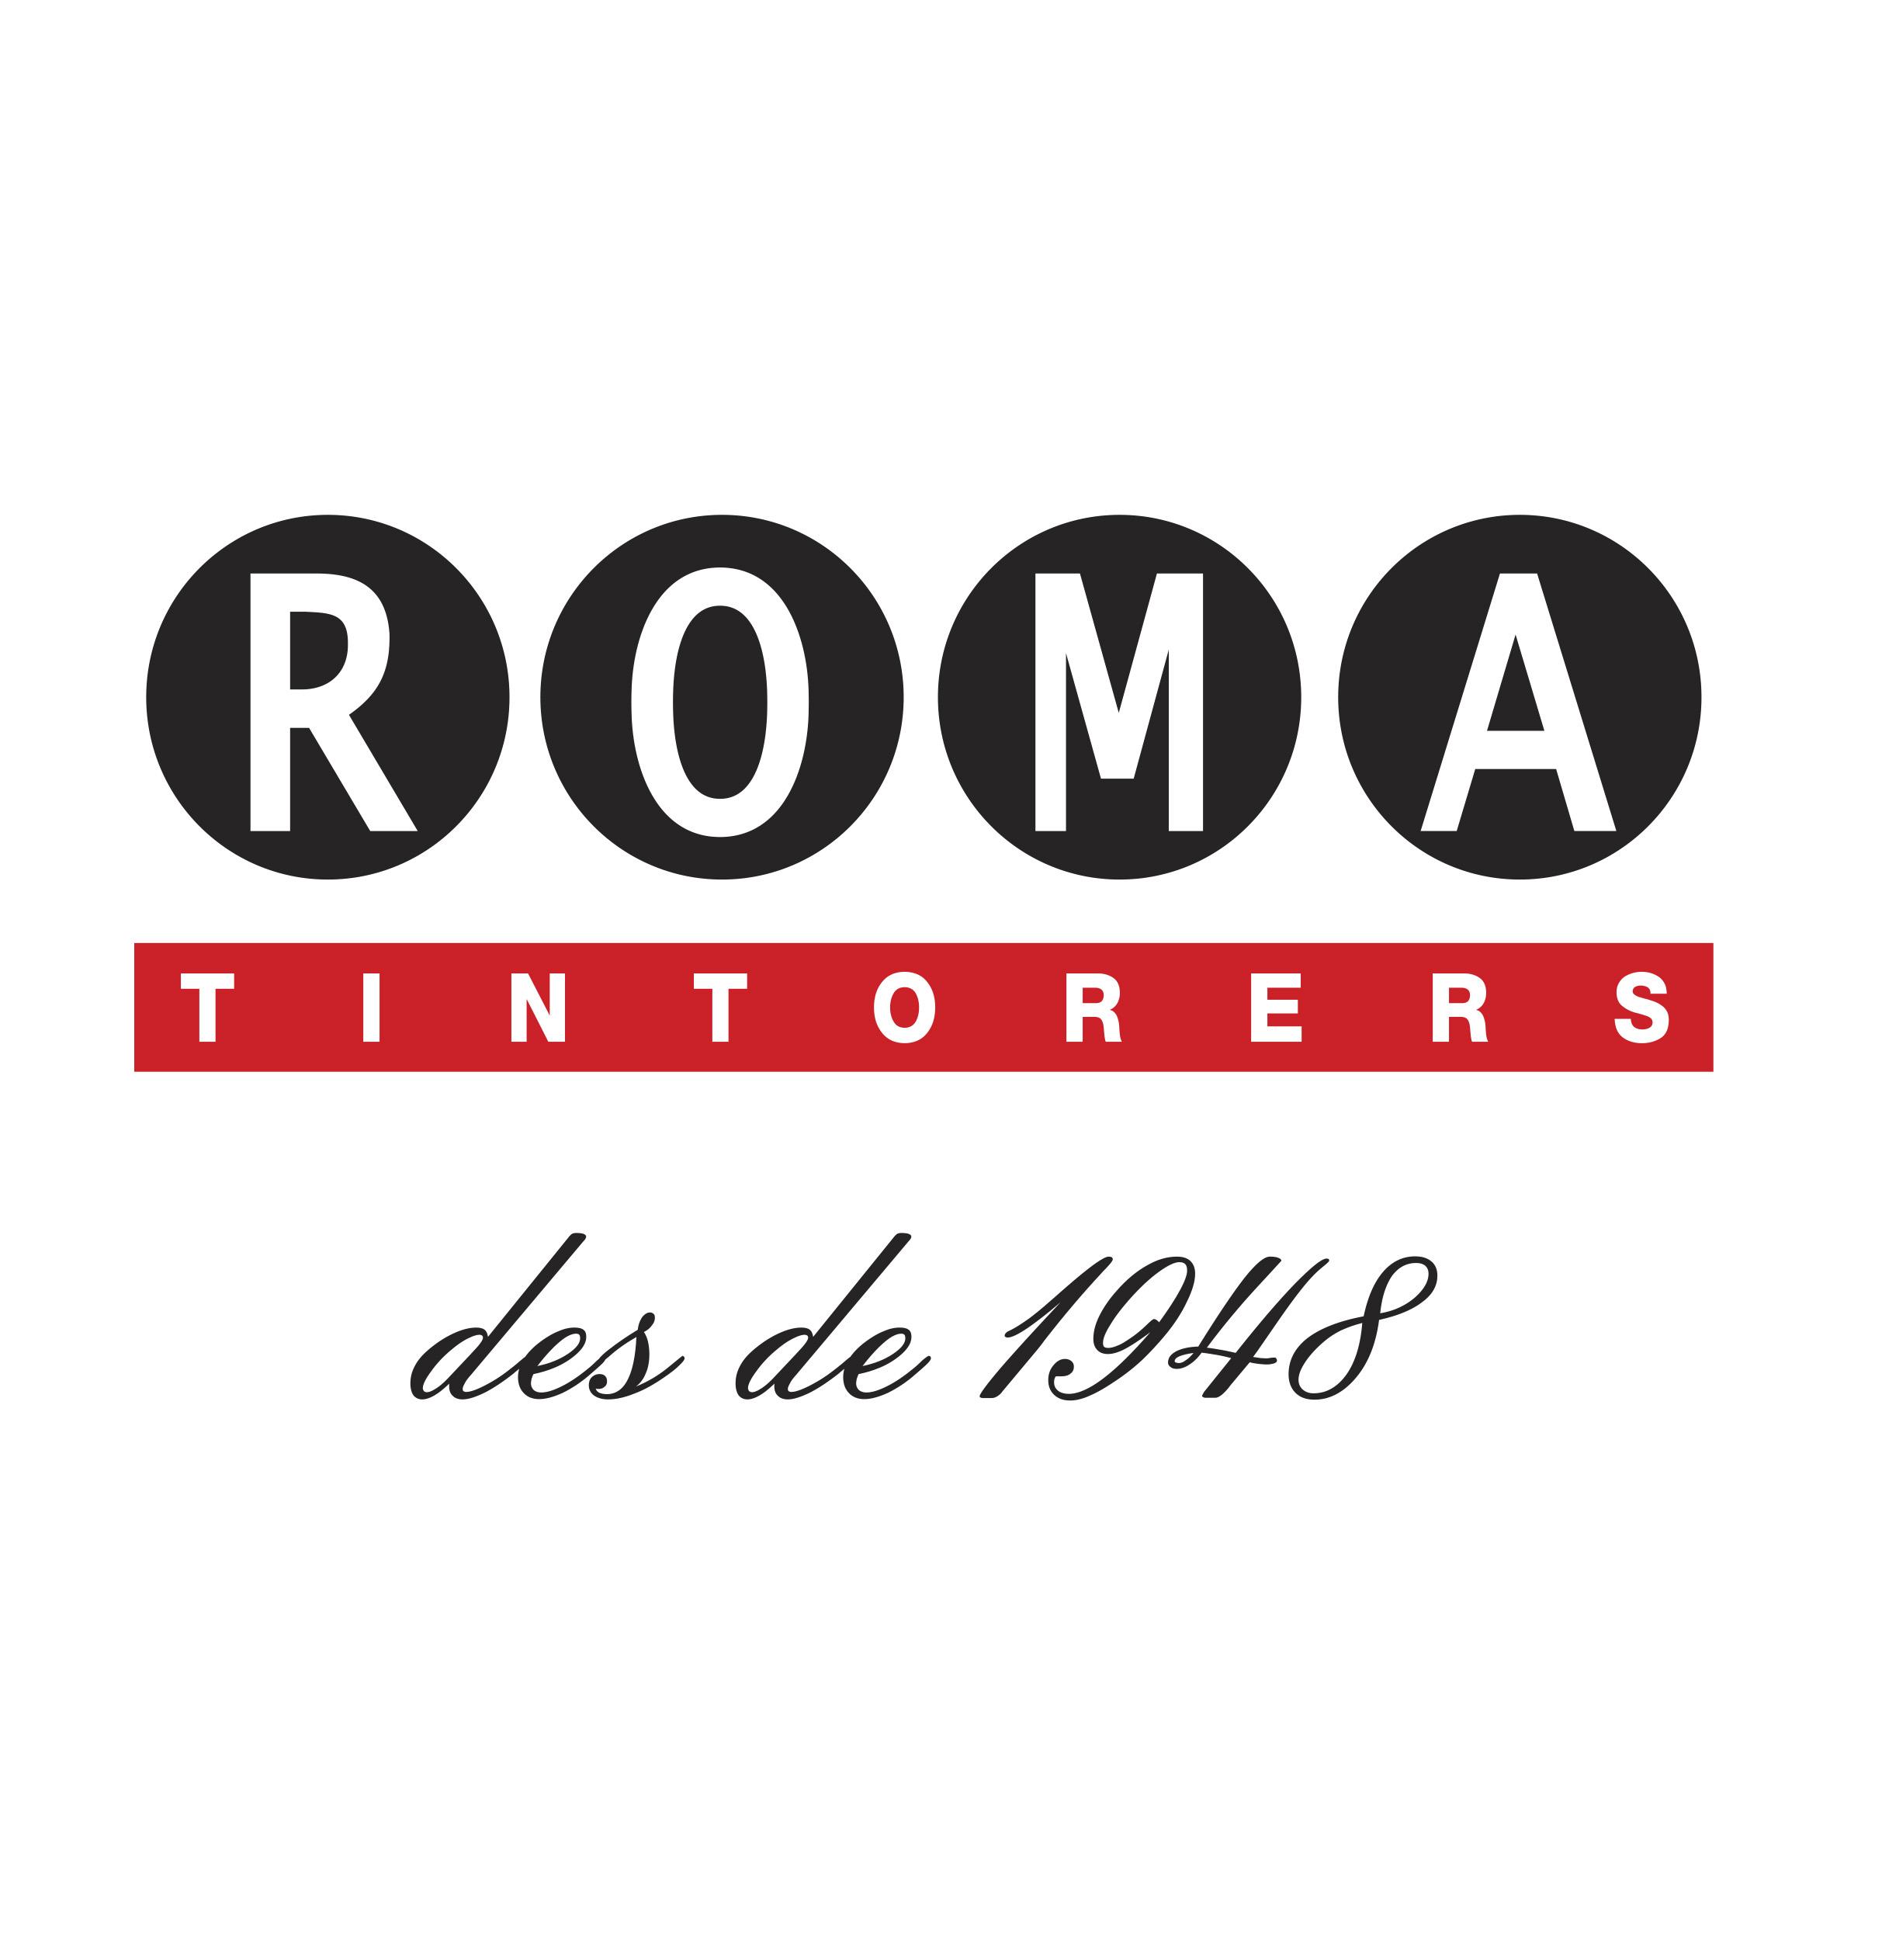 TINTORERIA ROMA